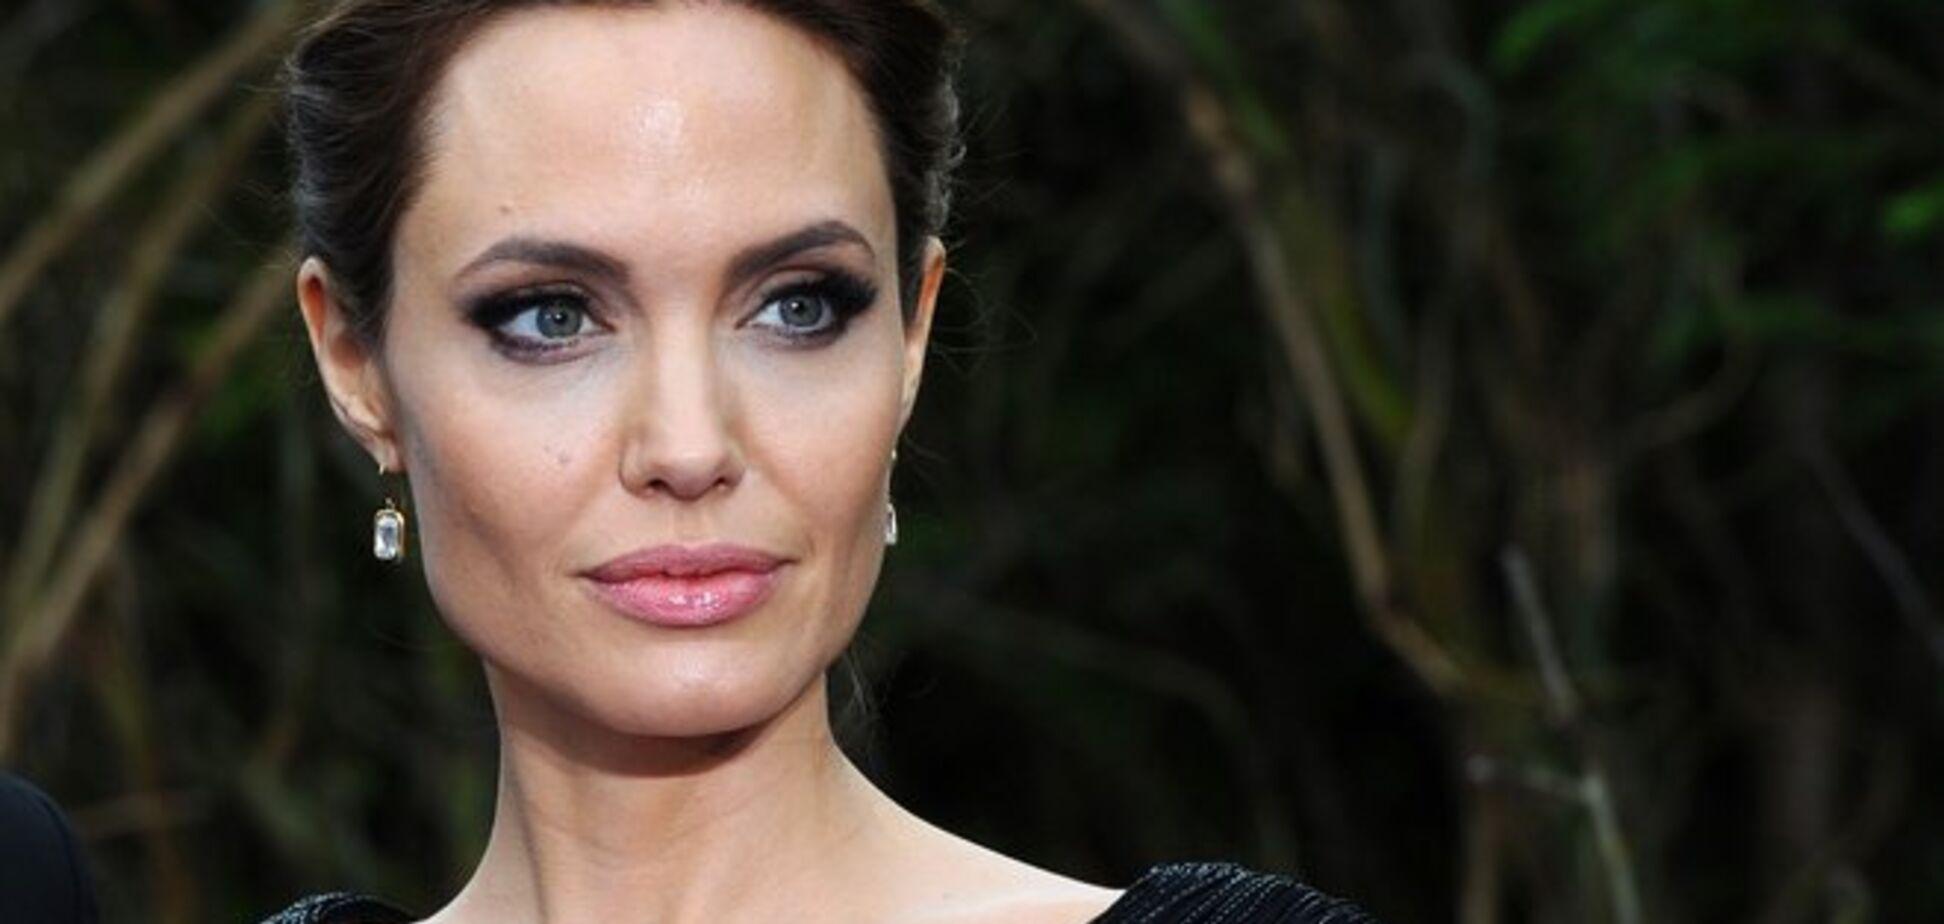 Анджеліна Джолі лягла до психіатричної клініки: що сталося з актрисою